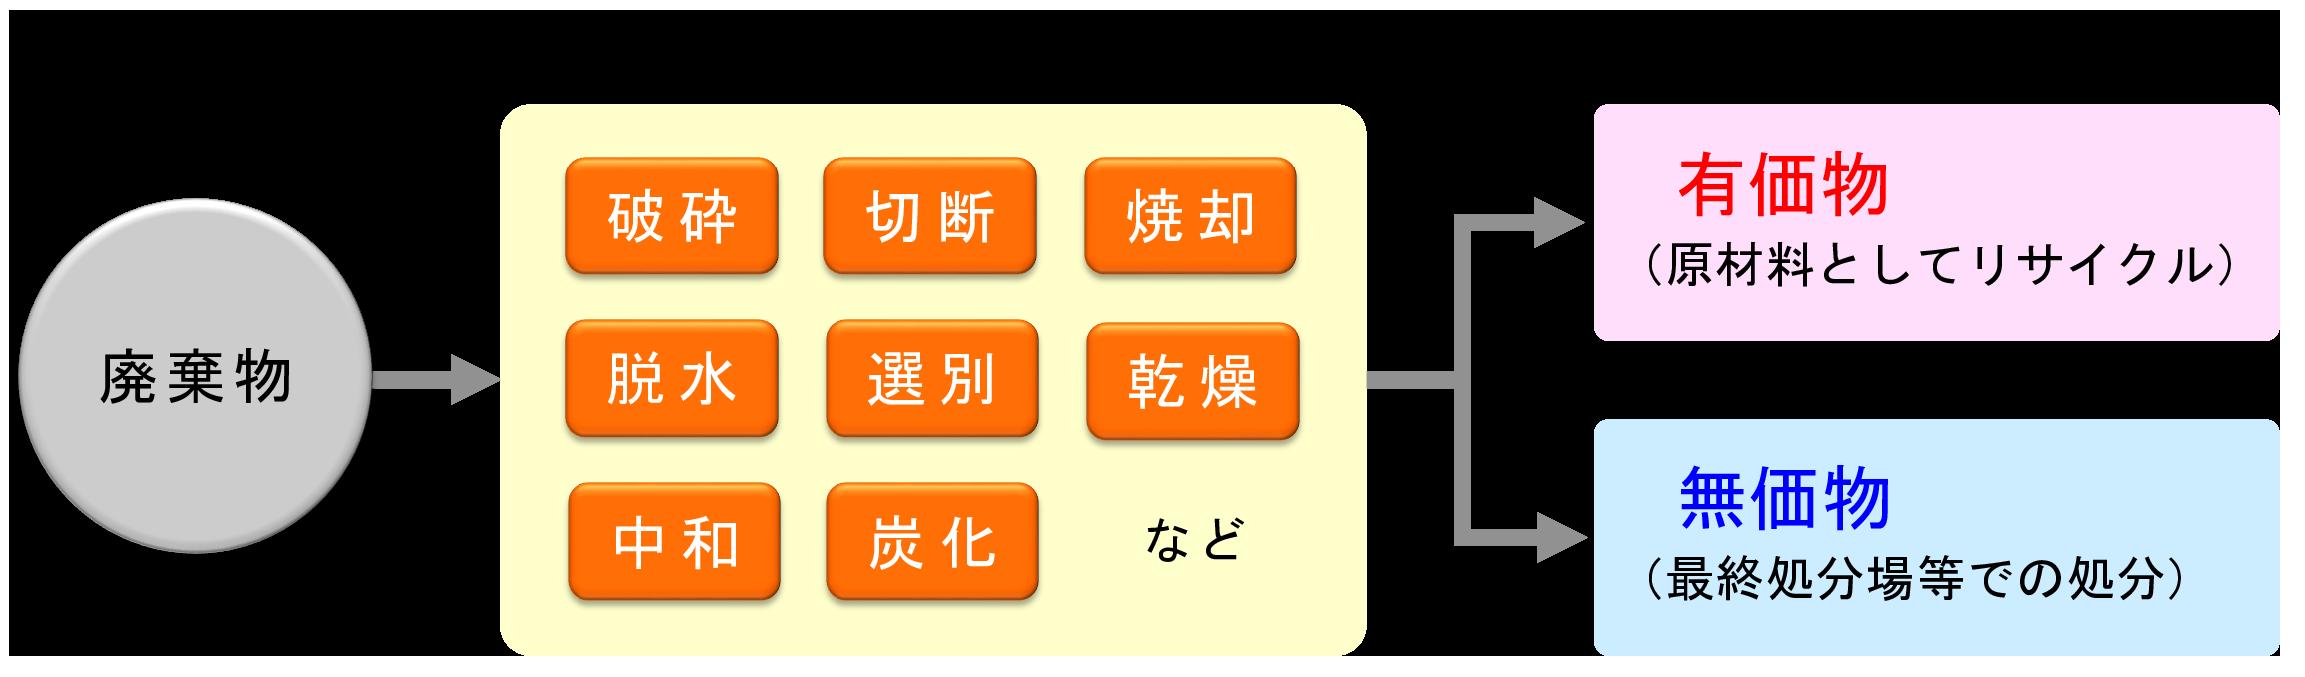 中間処理業の流れ (2)